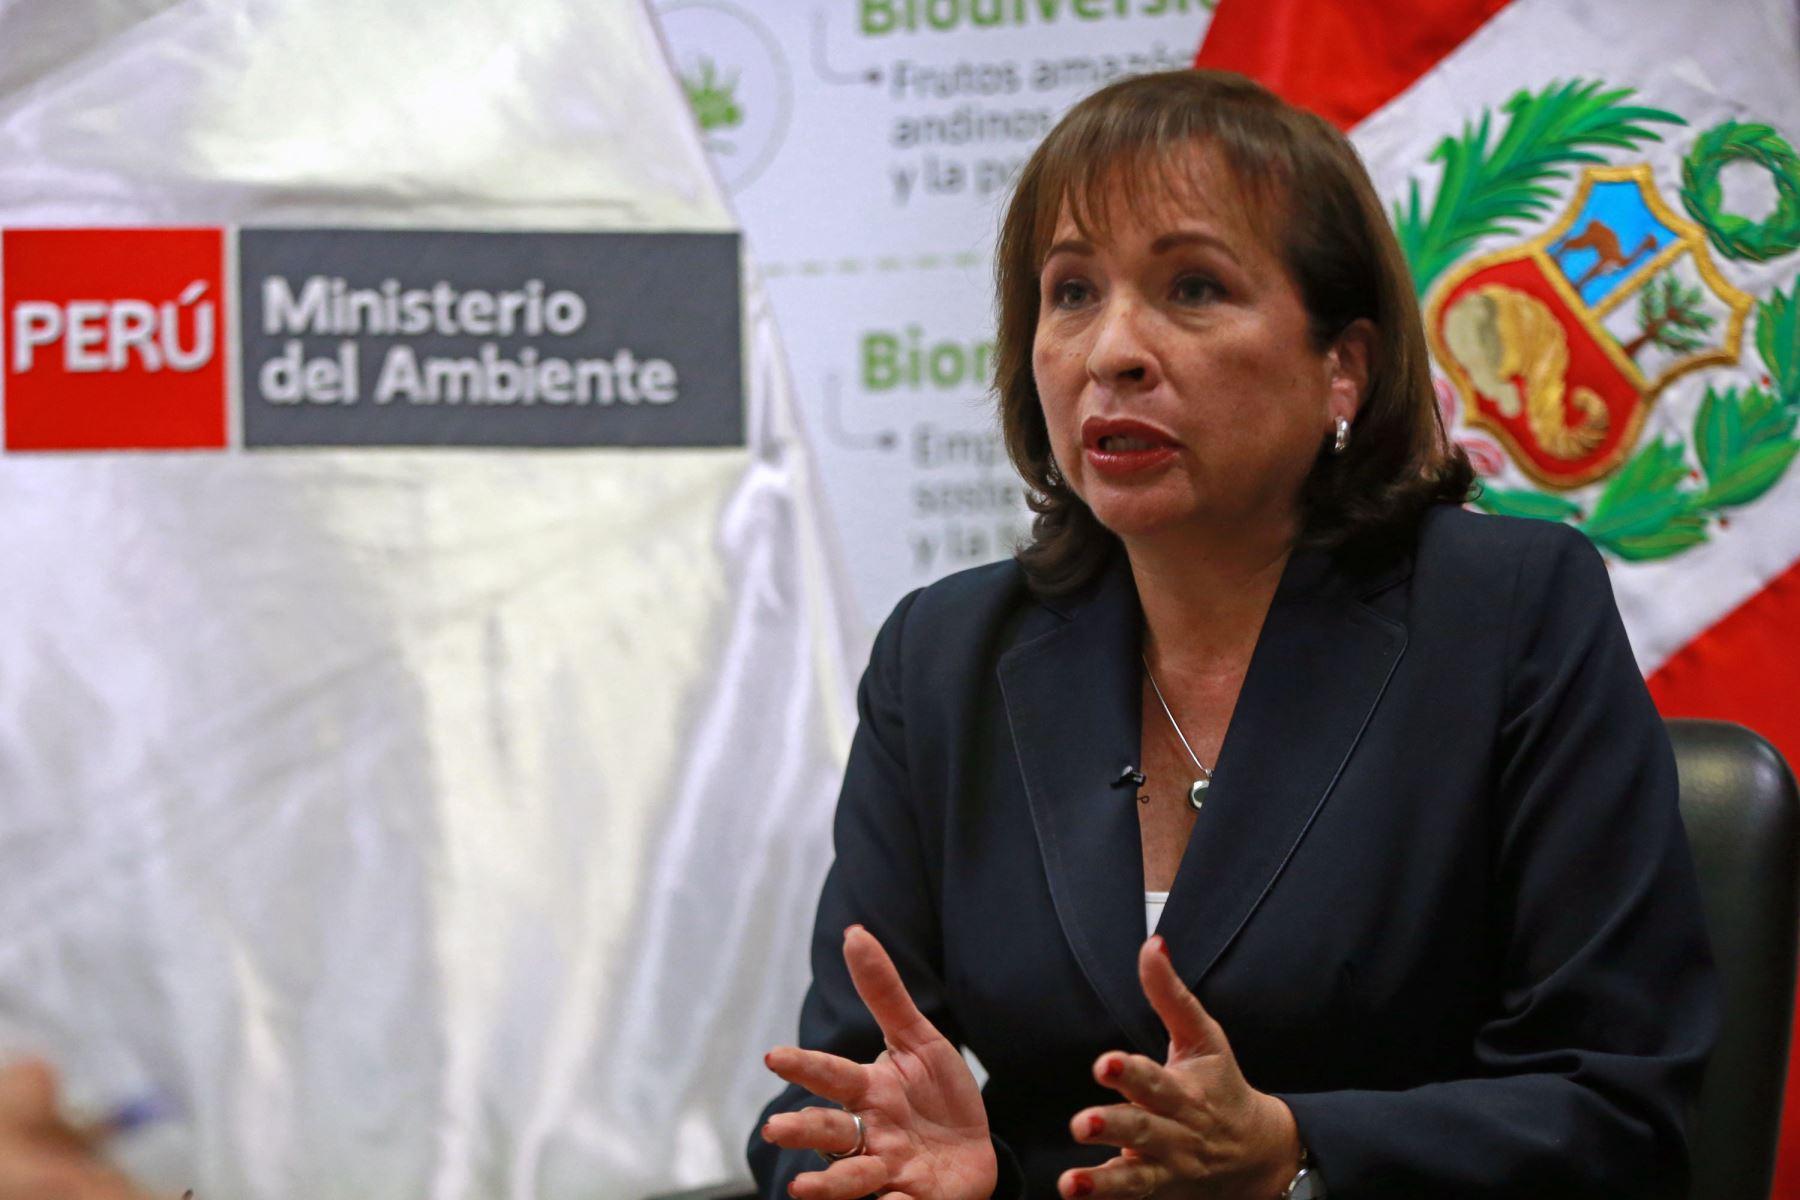 Ministra del Ambiente, Elsa Galarza.Foto:  ANDINA/Vidal Tarqui.